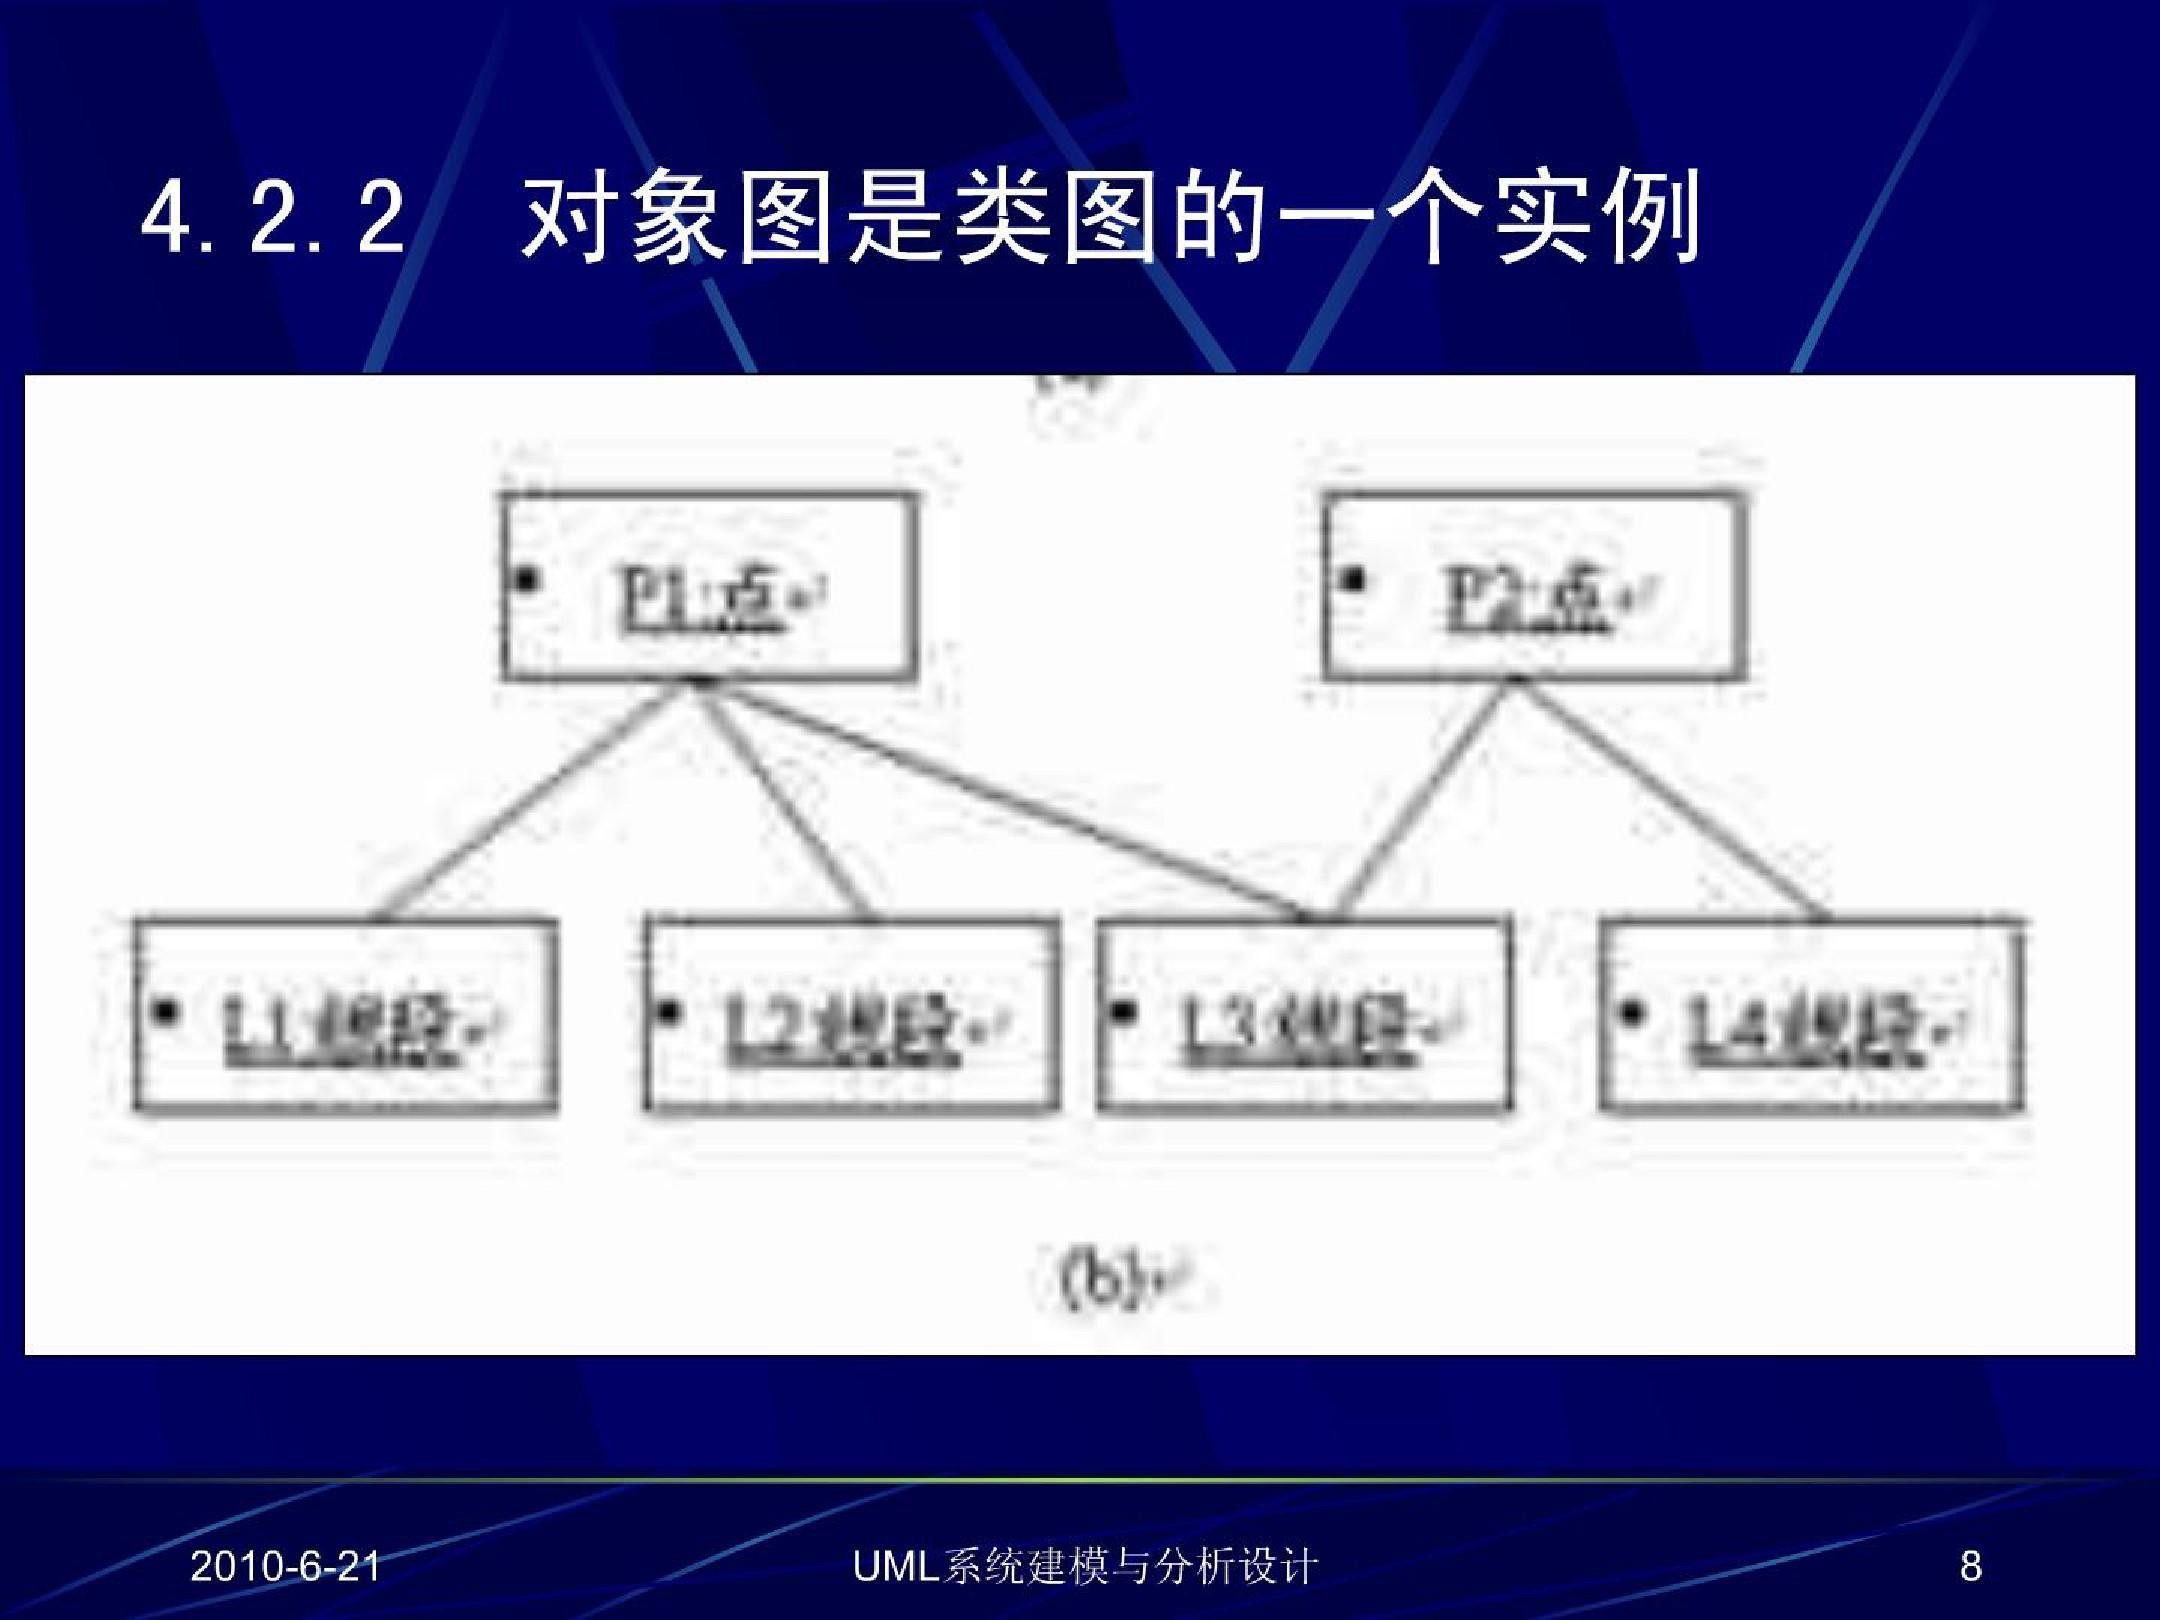 图书管理系统uml uml基础 工具使用 系统概要设计 软件需求分析案例图片